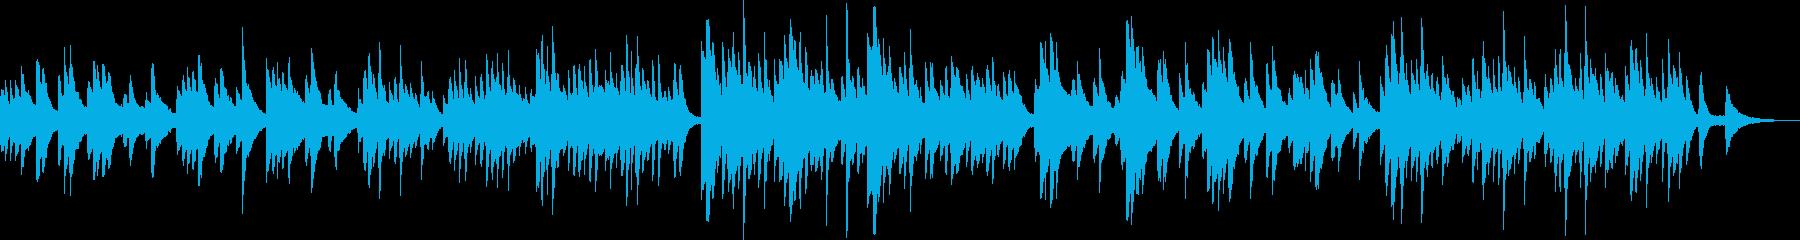 優しくて美しいピアノ曲(感動・切ない)の再生済みの波形